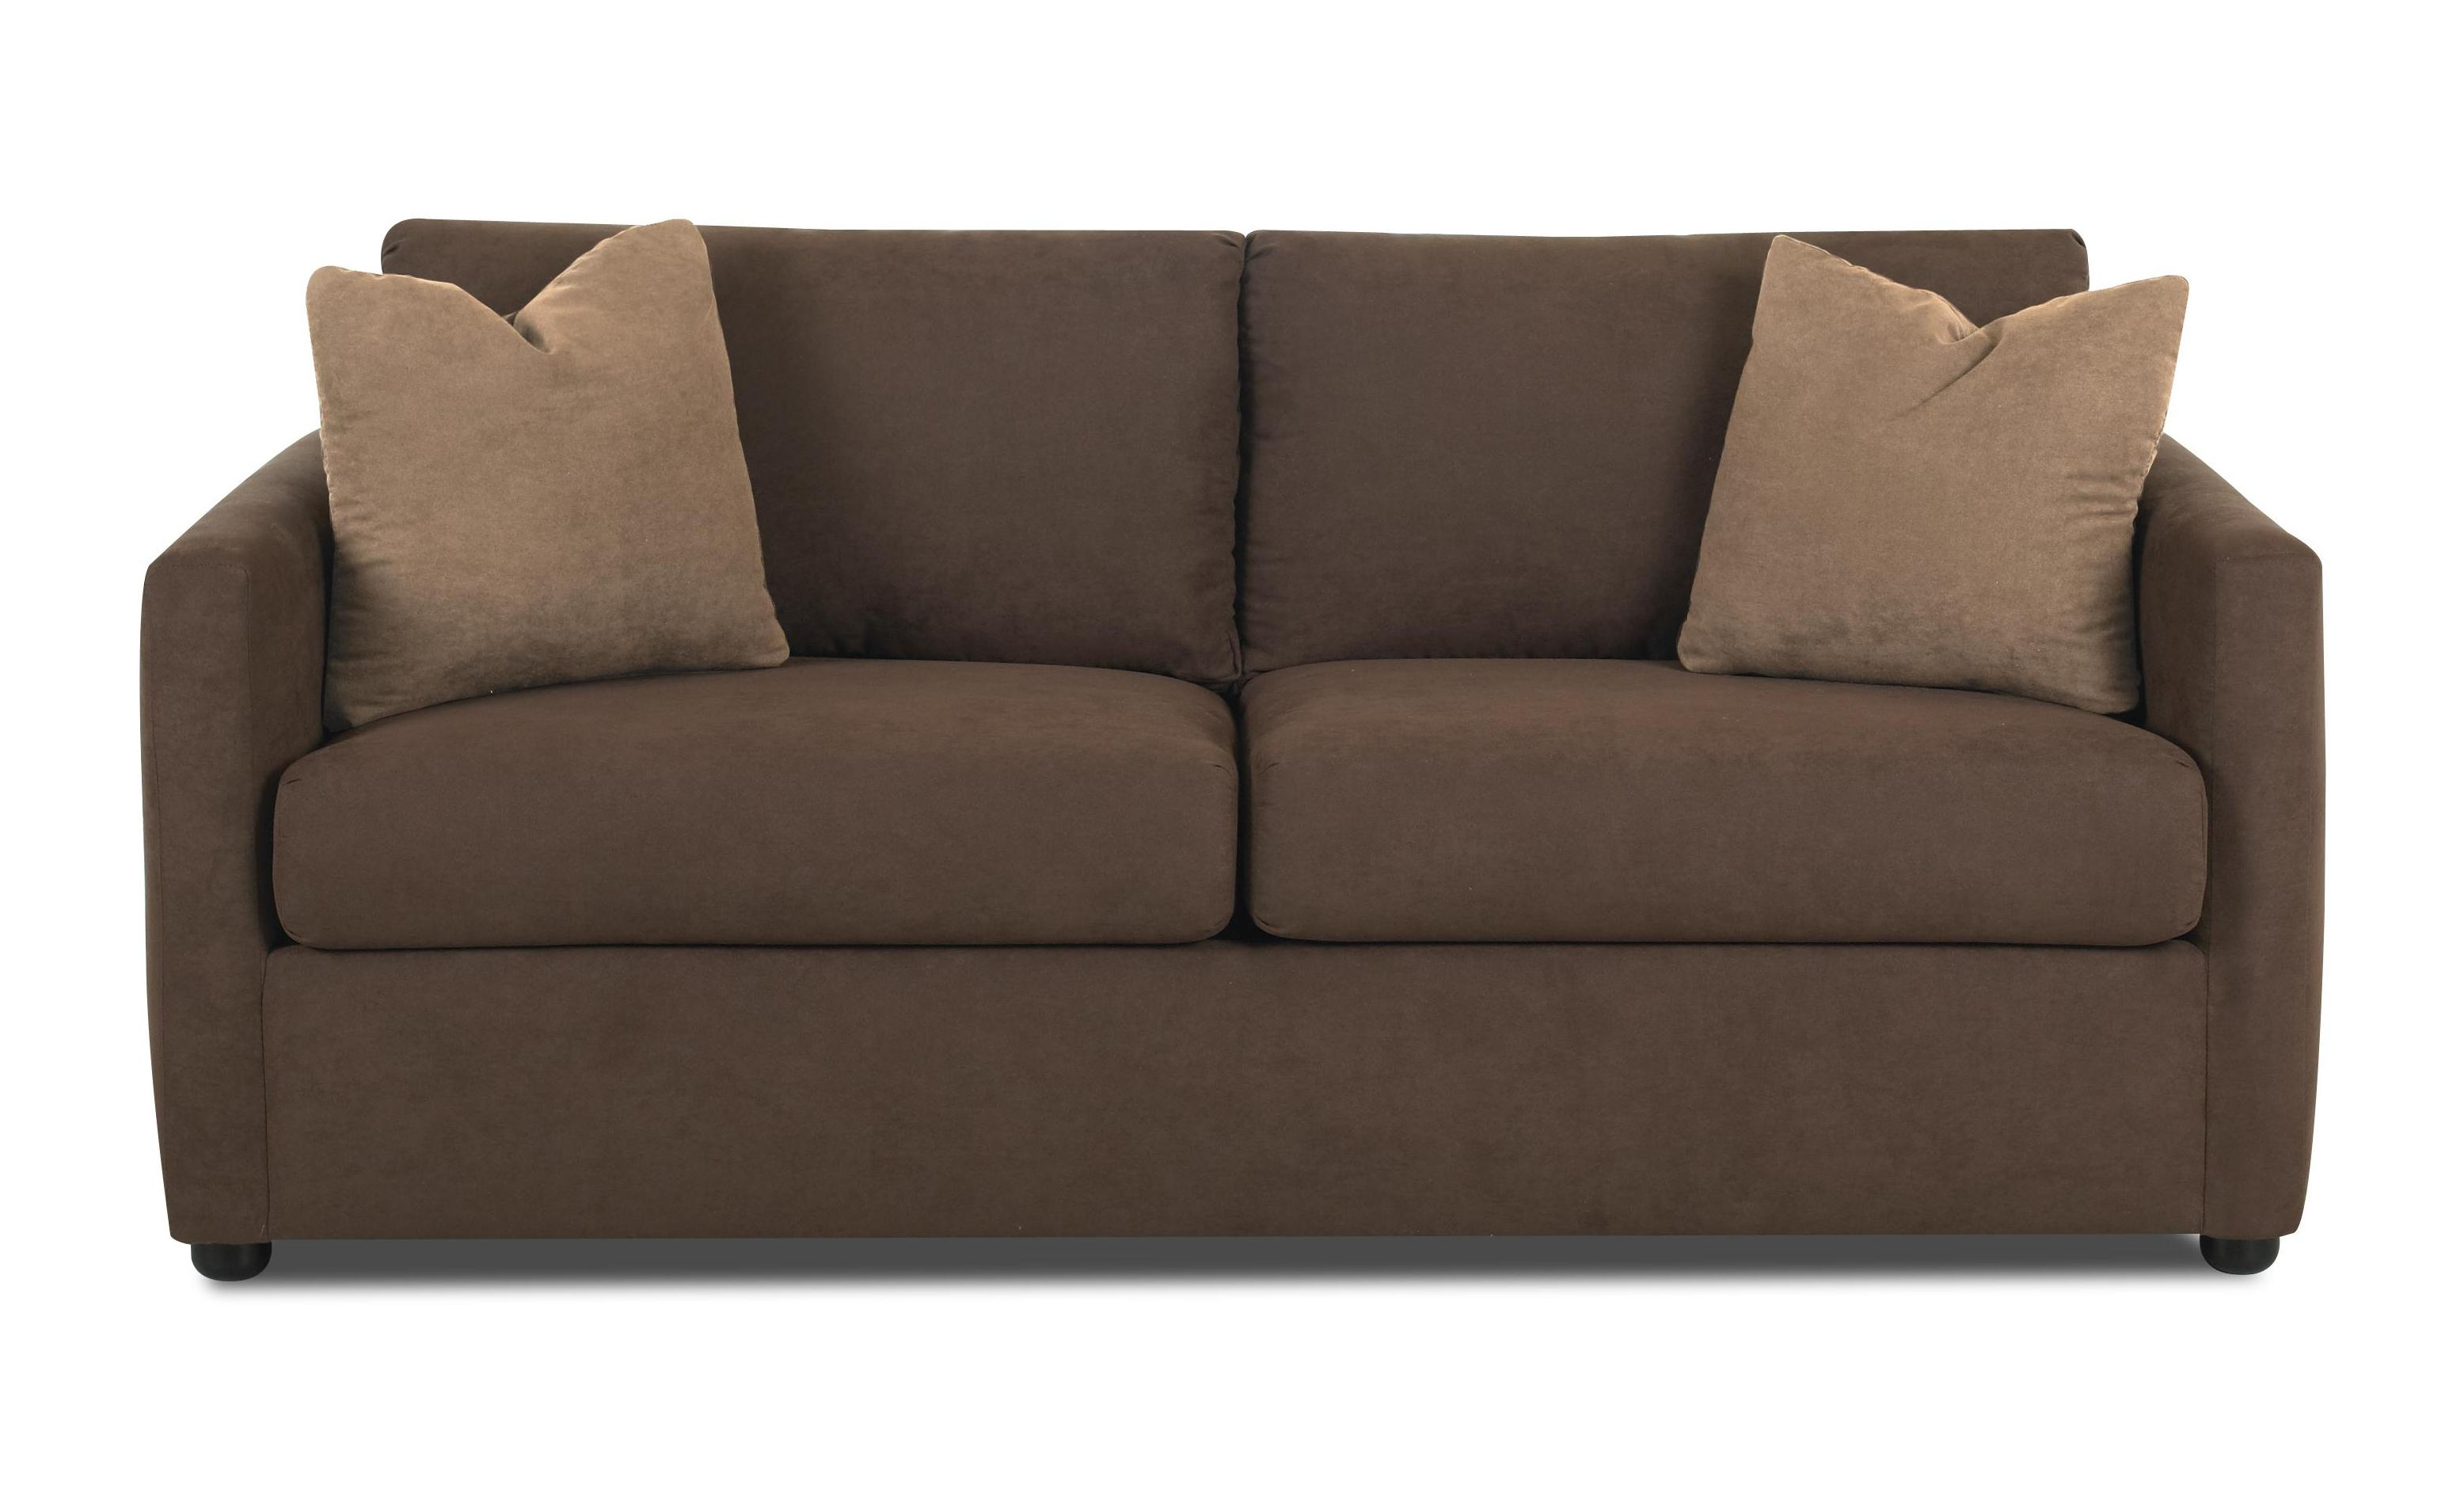 Loveseat Size Sleeper Sofa